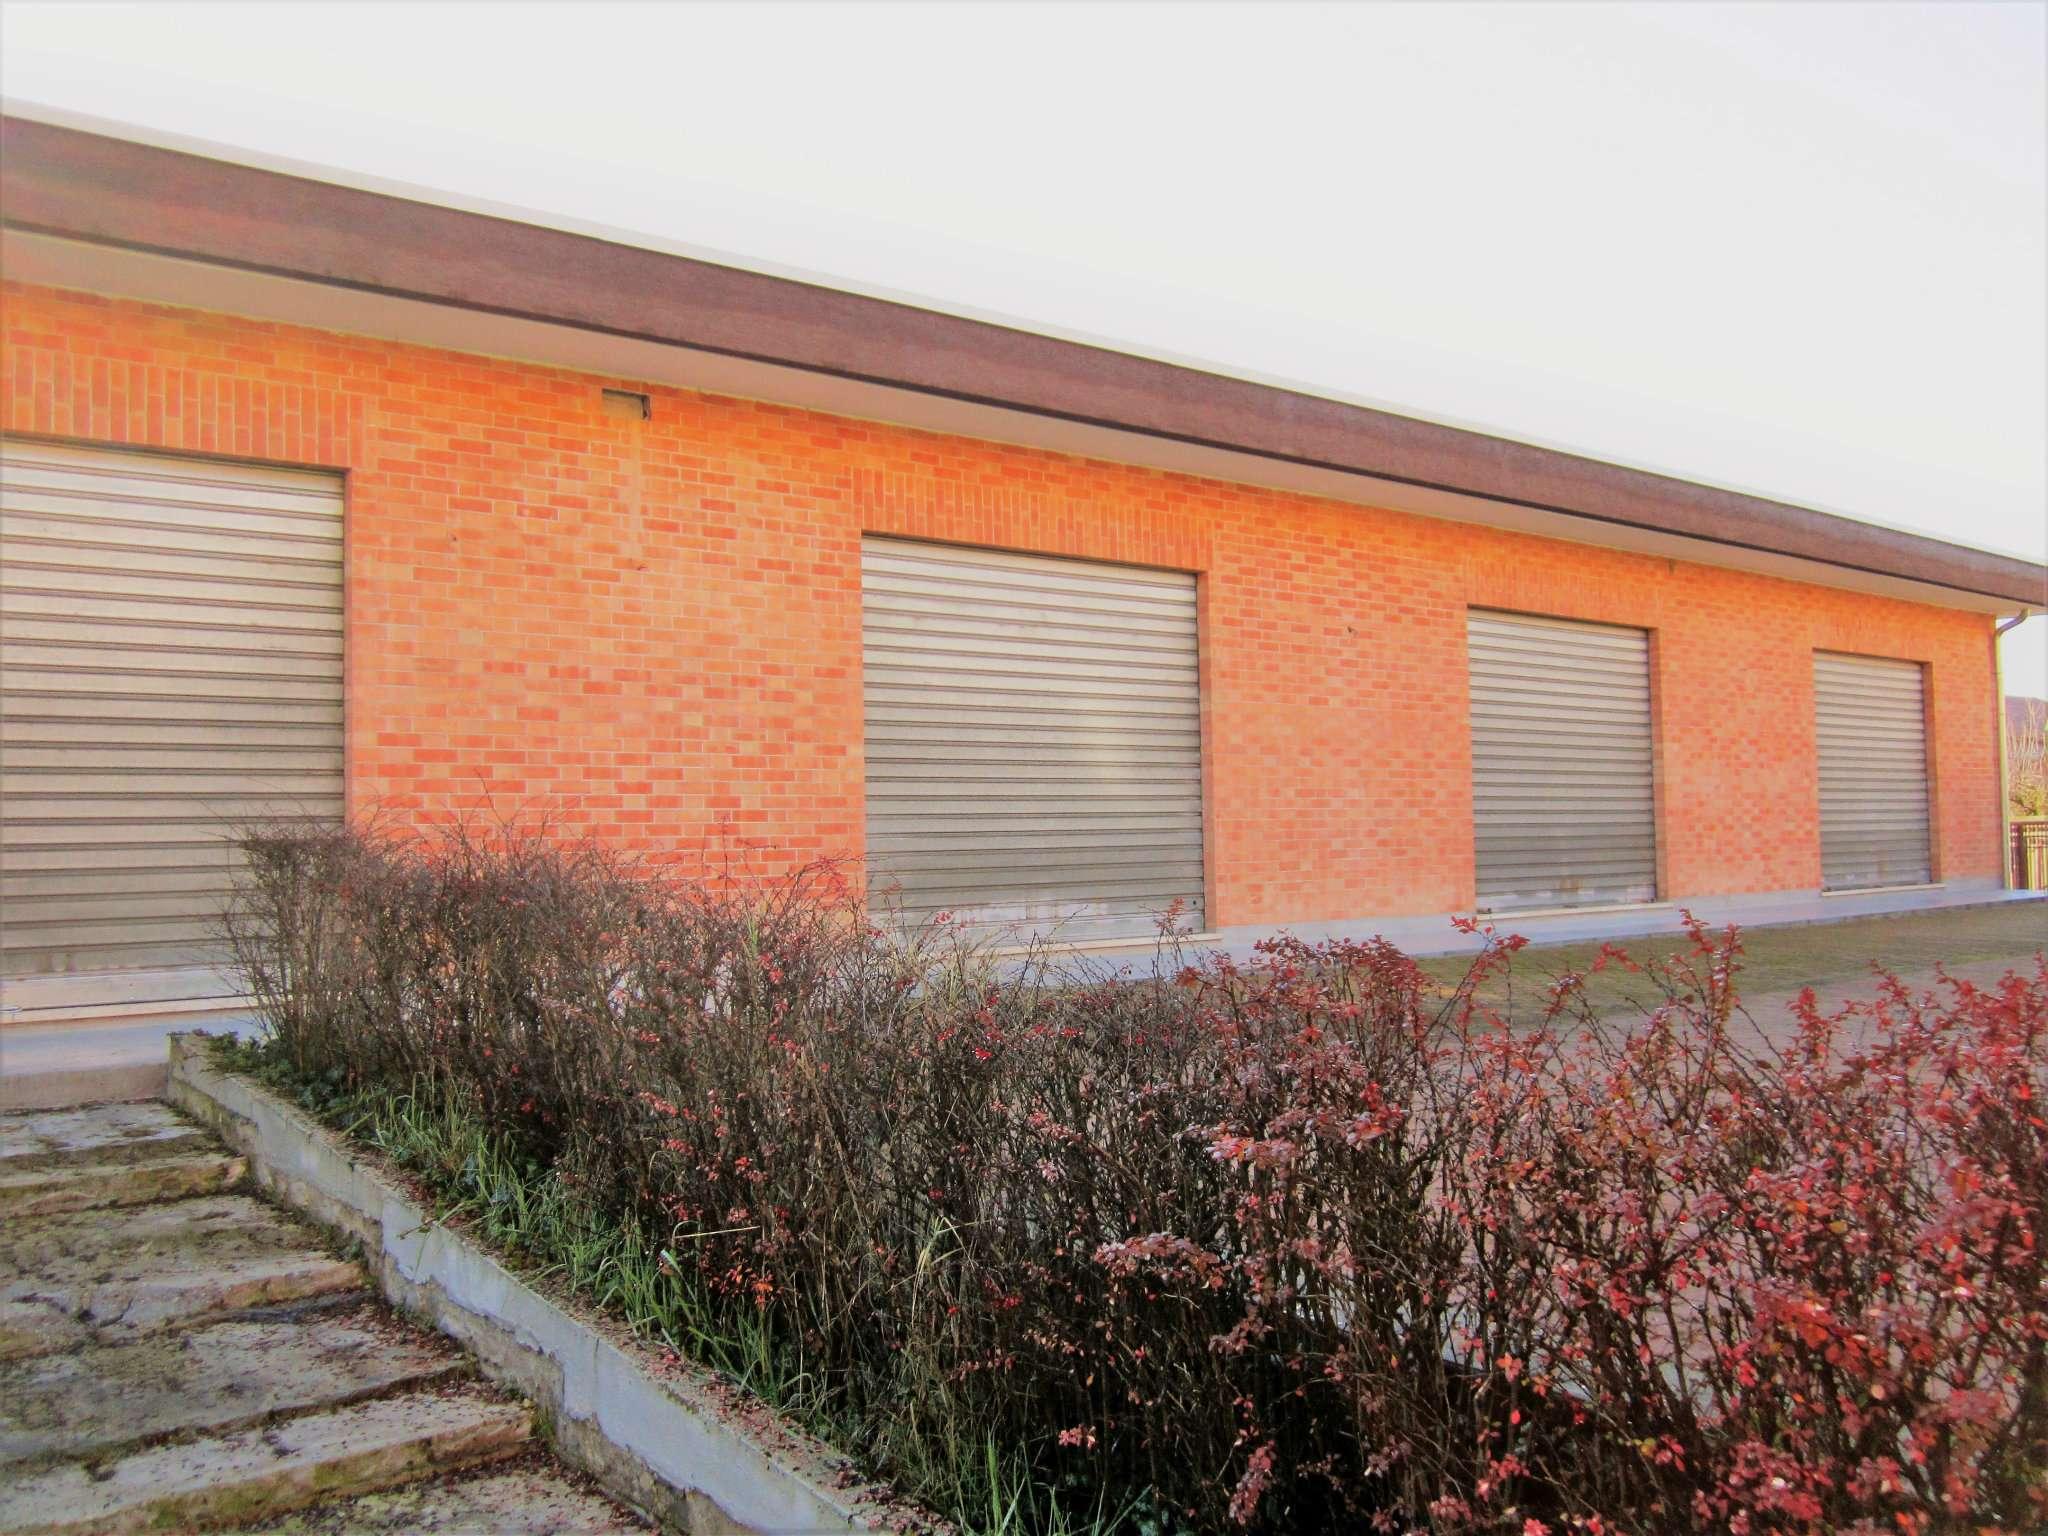 Ufficio / Studio in affitto a Cambiano, 1 locali, prezzo € 1.000 | PortaleAgenzieImmobiliari.it